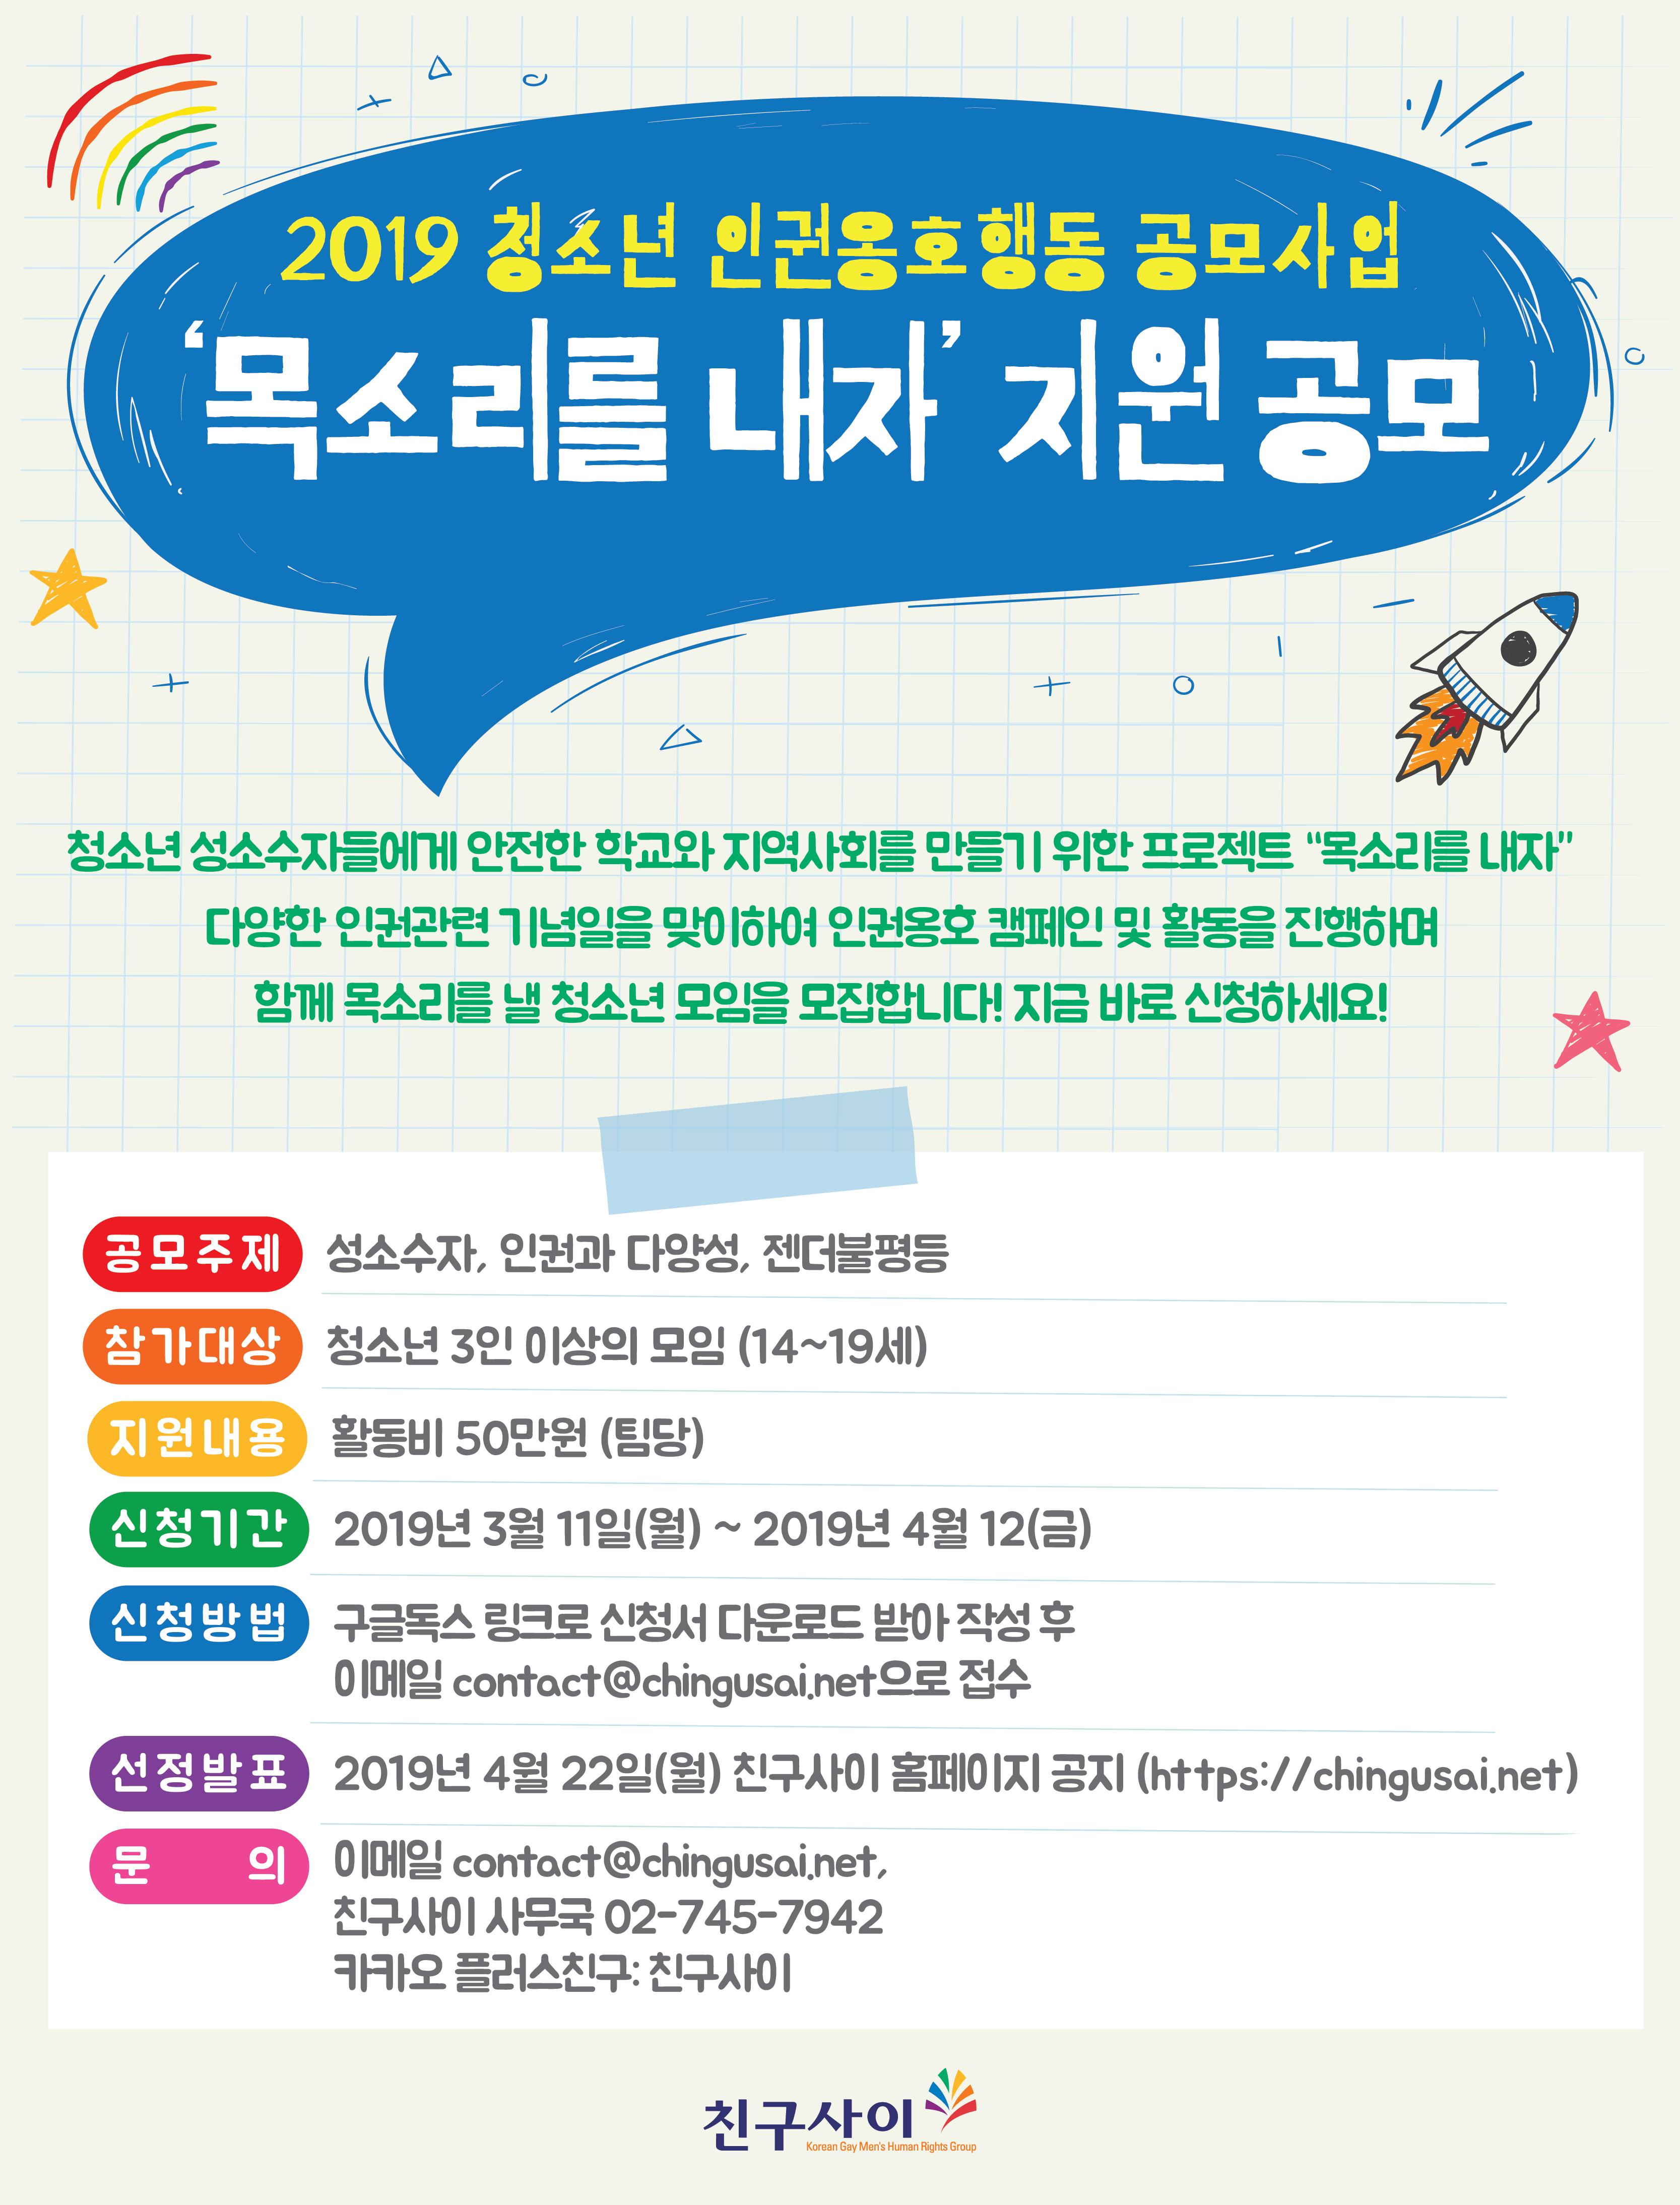 2019.03.11_청소년인권행동공모사업 공모.png